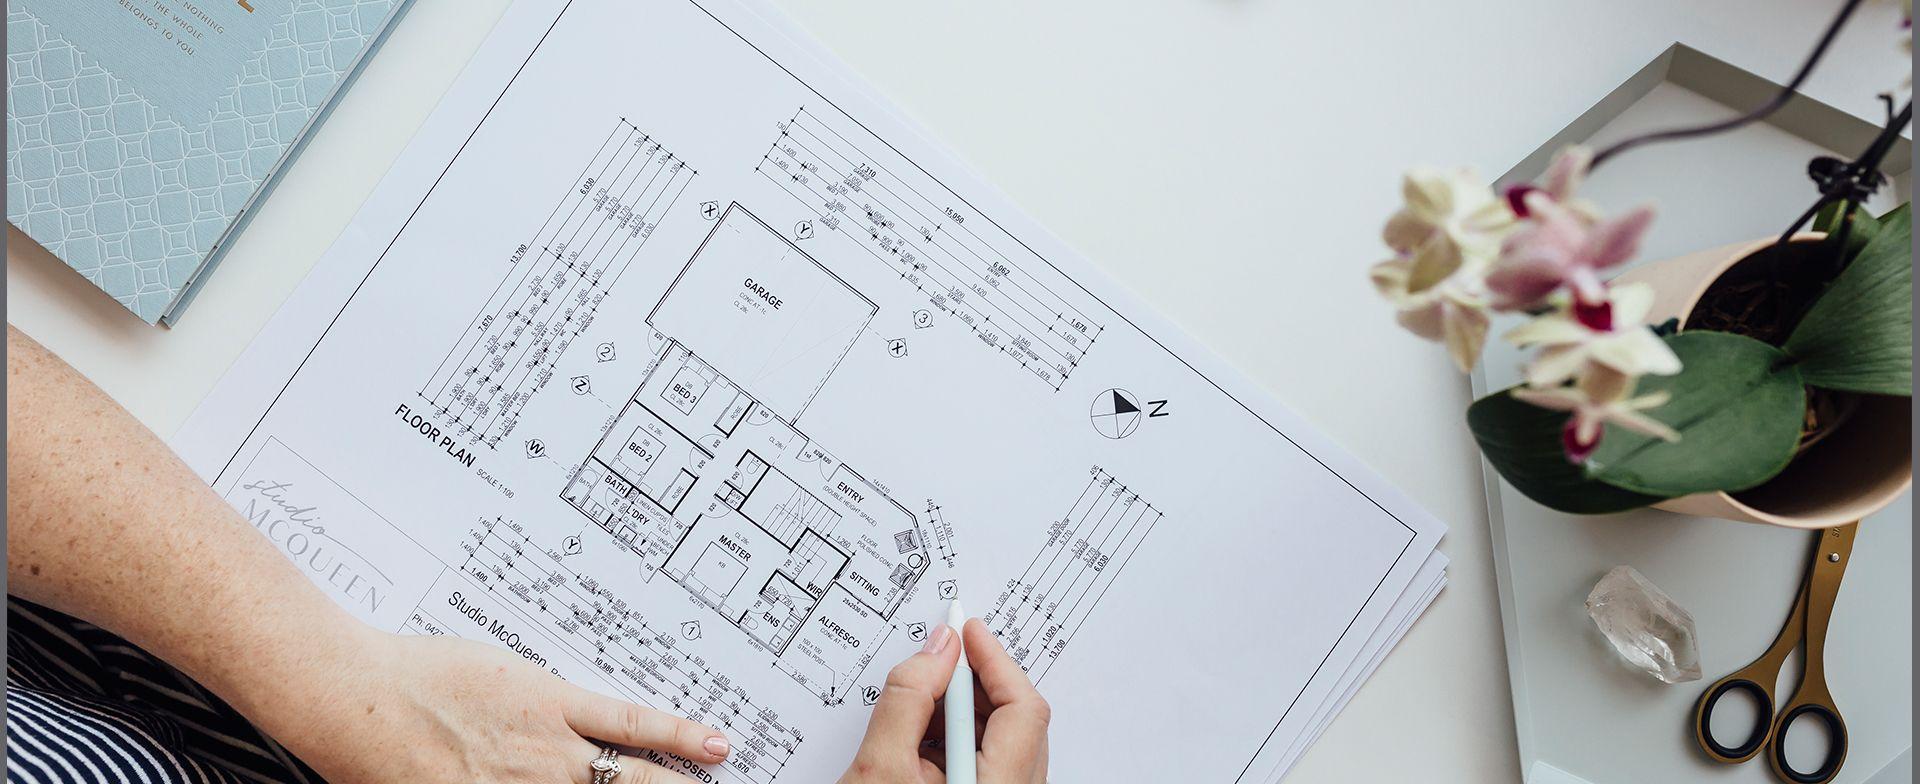 Small home Renovations Perth | Studio McQueen | Melinda McQueen interior designer and architectural designer